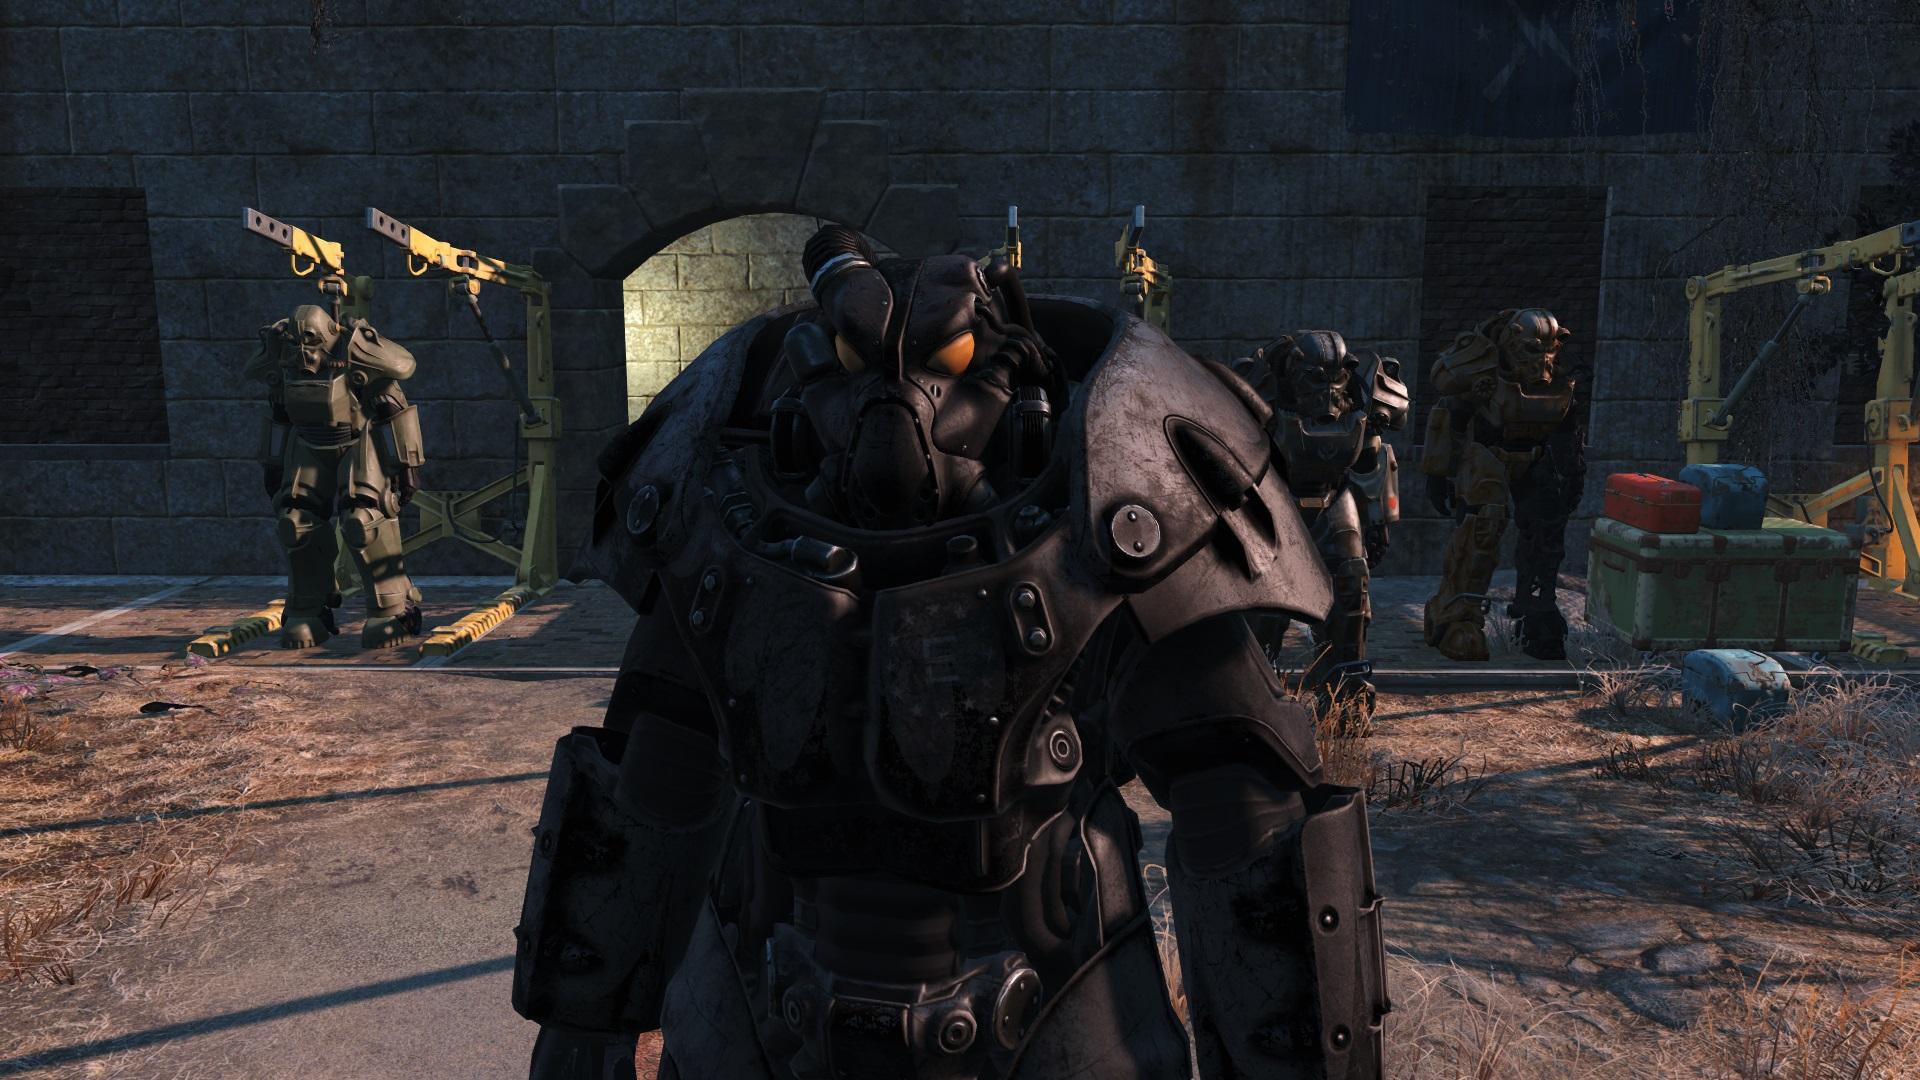 Fallout style mod